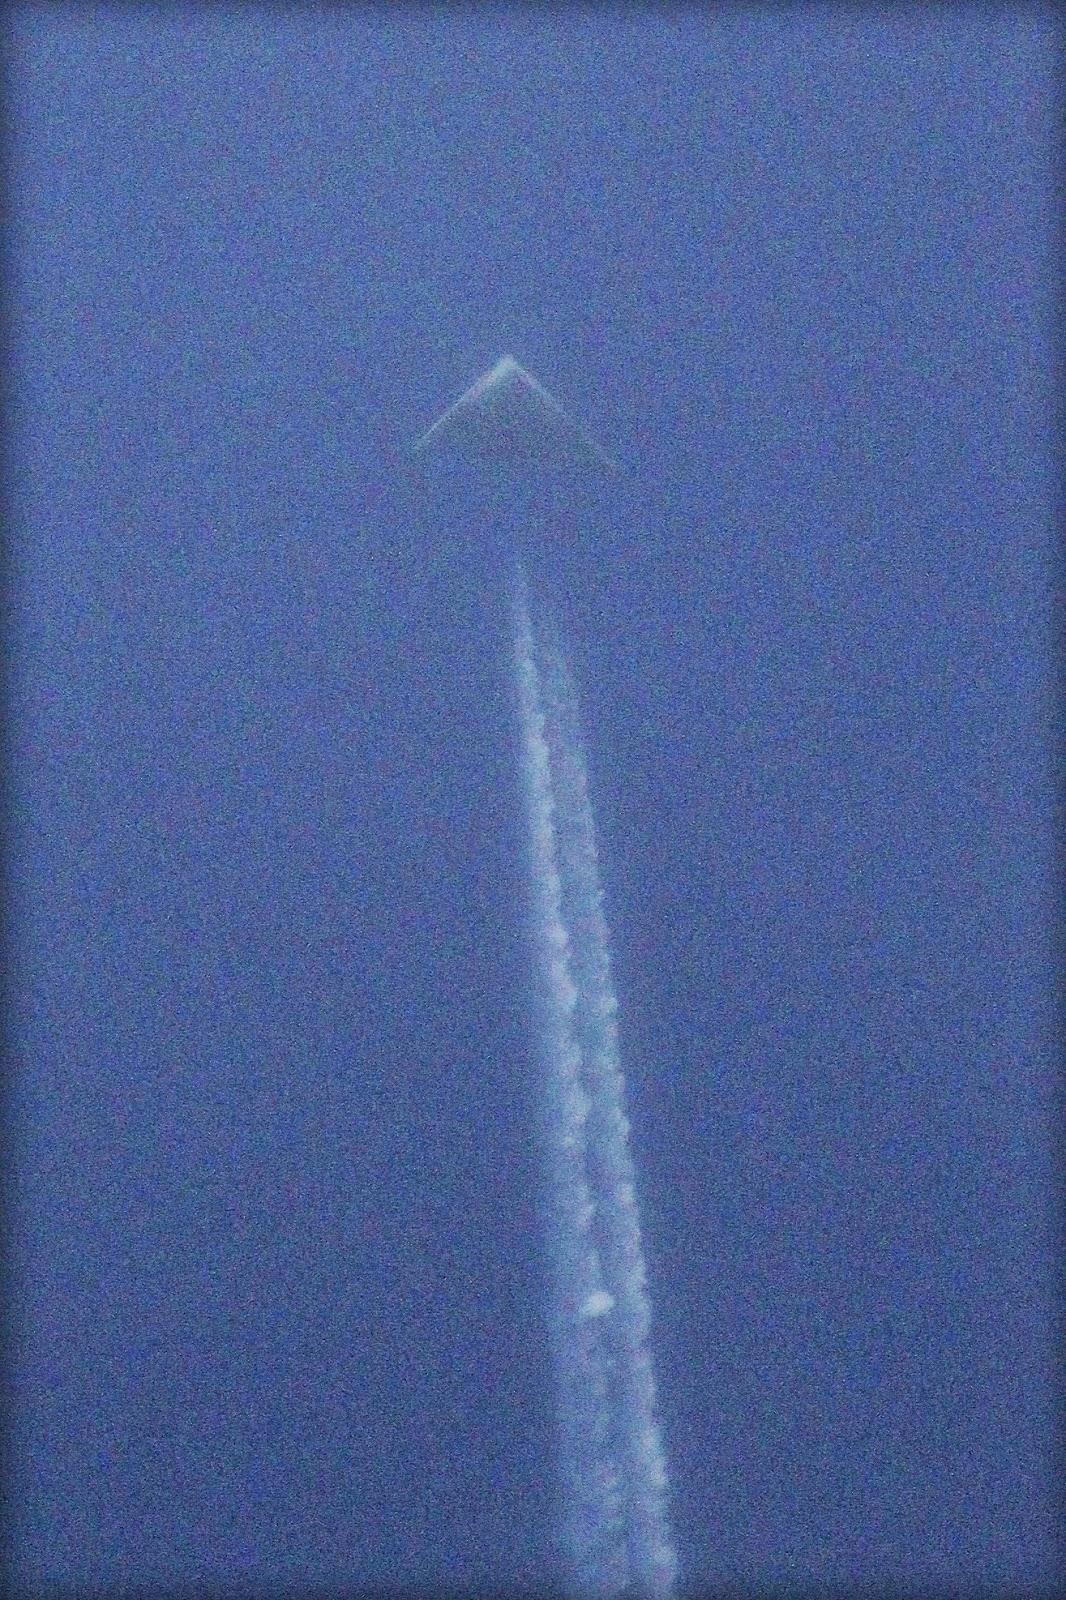 http://1.bp.blogspot.com/-Mw7gcTyPwsg/U0_KraFmAhI/AAAAAAAAWD0/RIqsGL5zRpA/s1600/UFO-pic.jpg